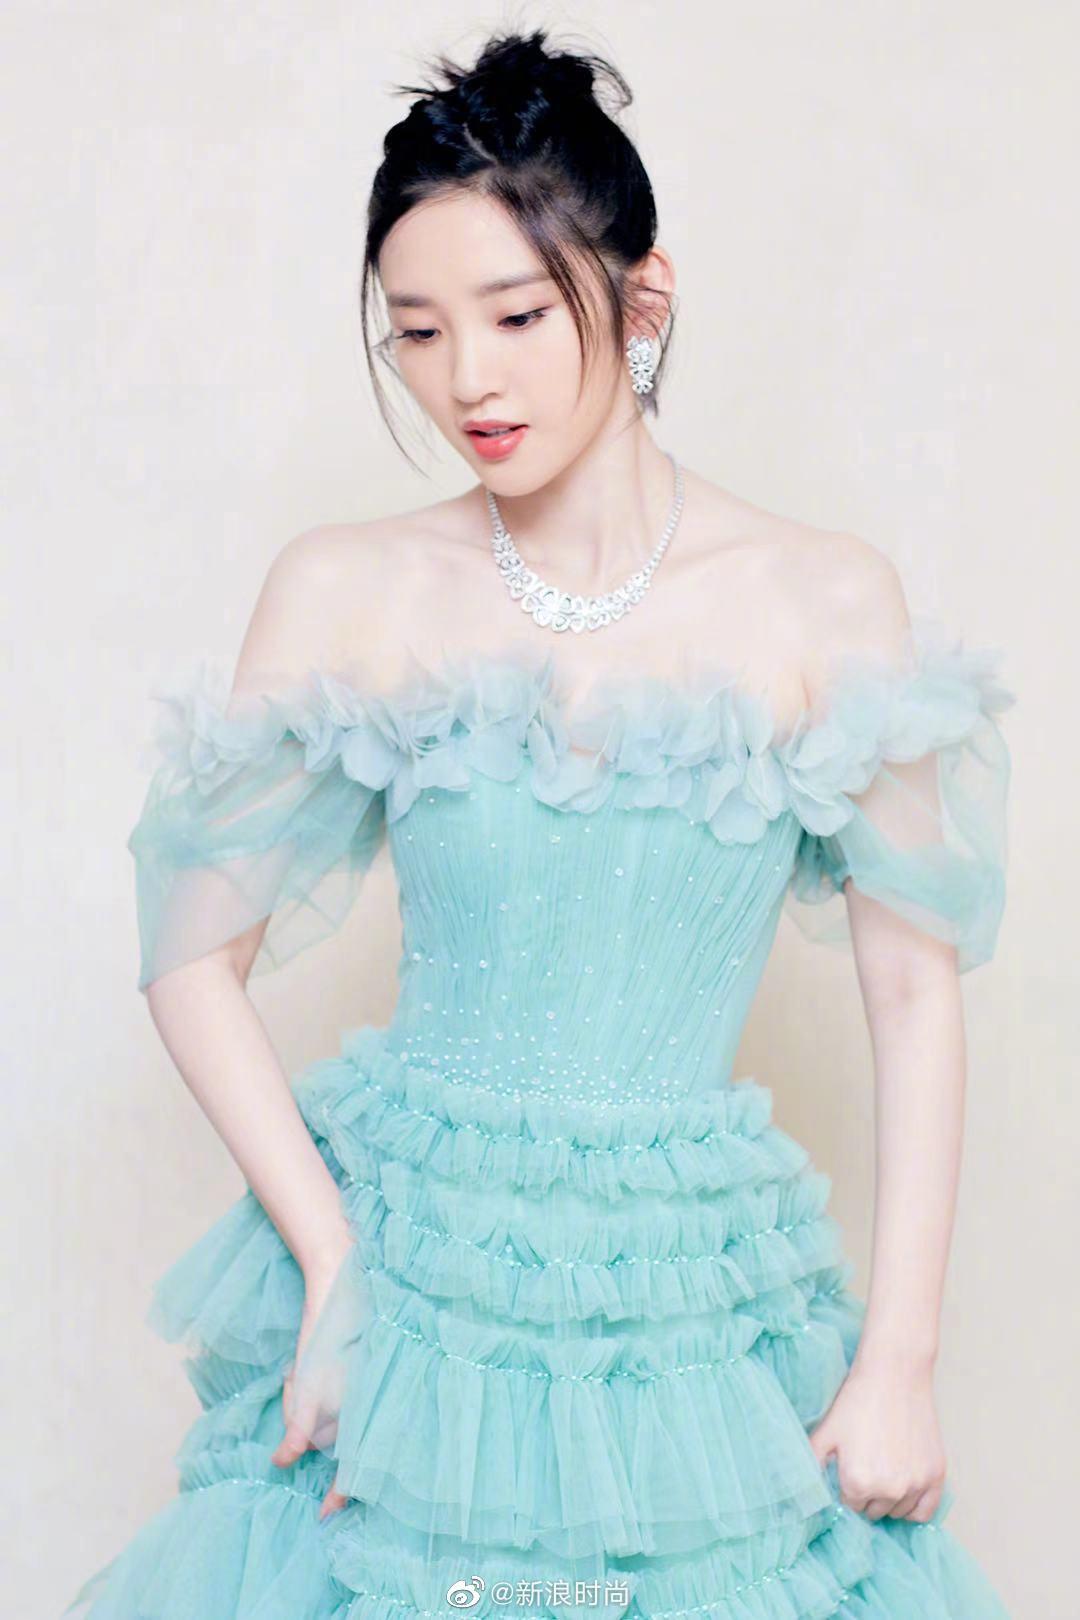 今日出席活动,一抹清新绿色长裙大方优雅,裙摆的设计蓬松飞舞